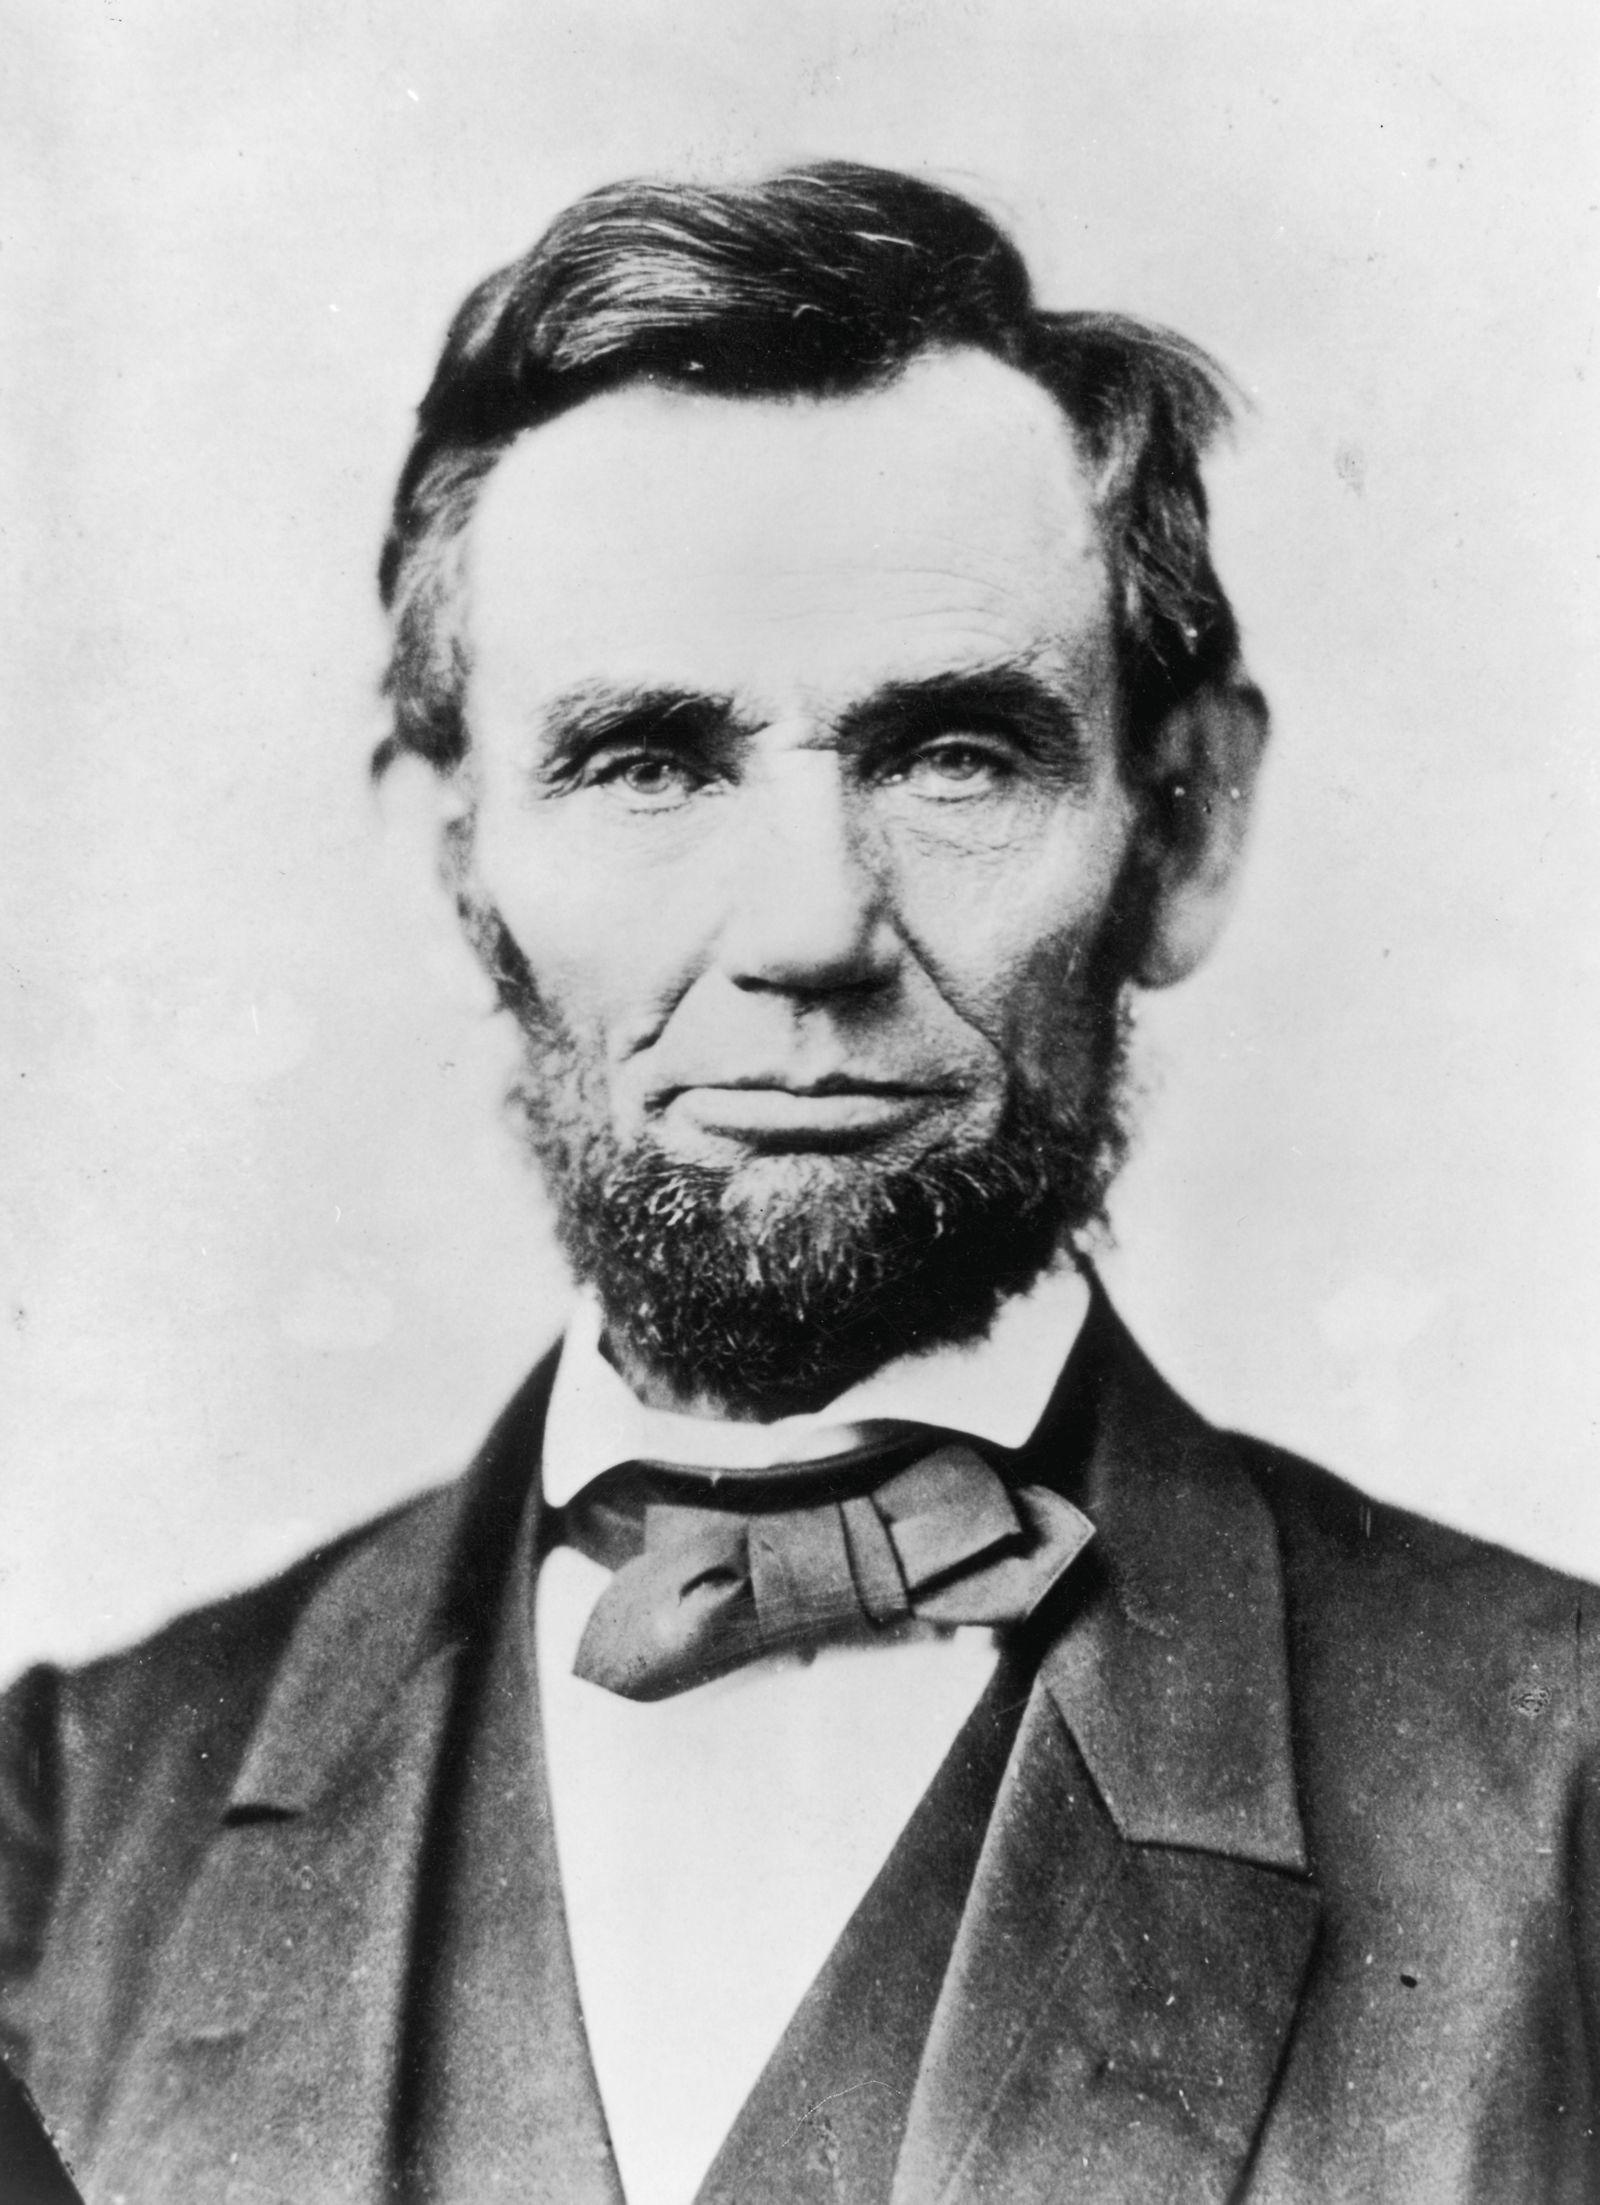 Für Flash/ 16th President Abraham Lincoln